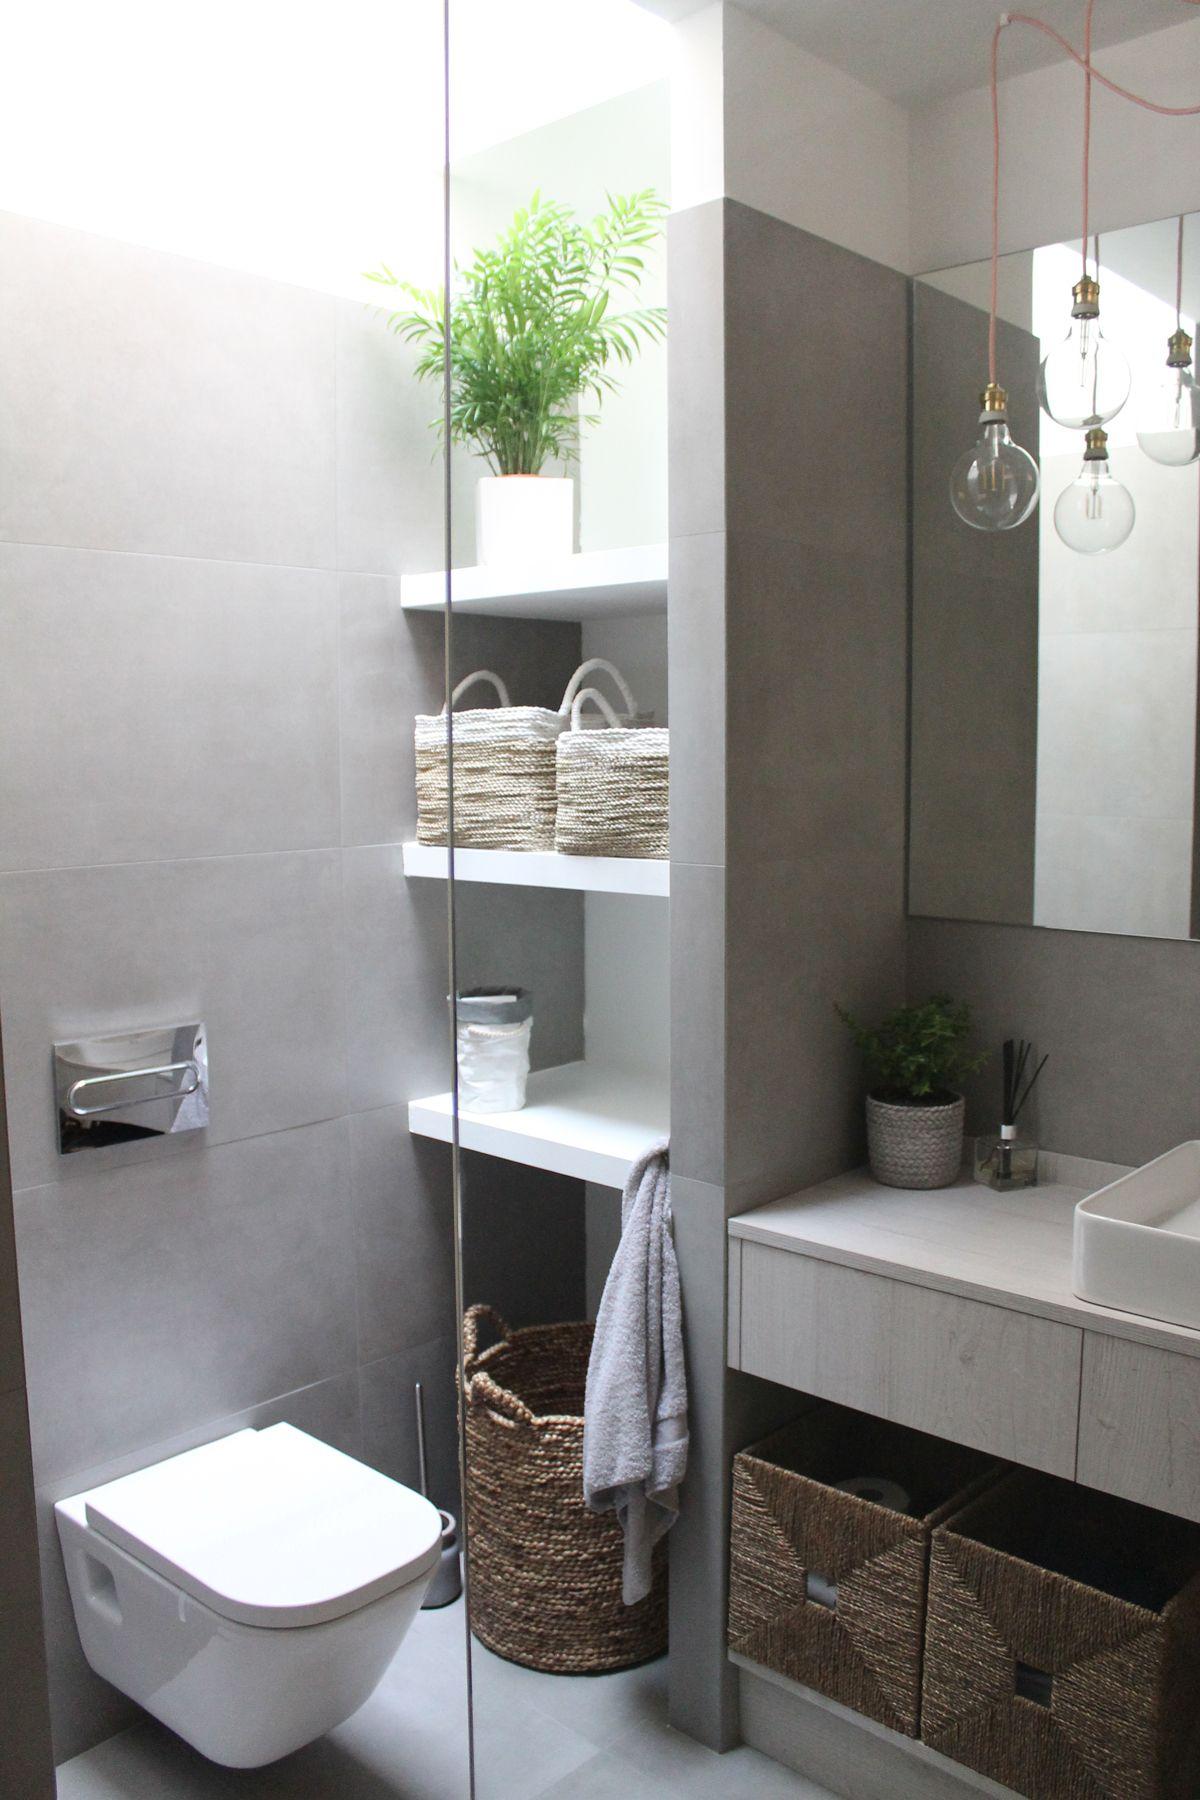 Ba o con baldas en gris y blanco y mampara transparente